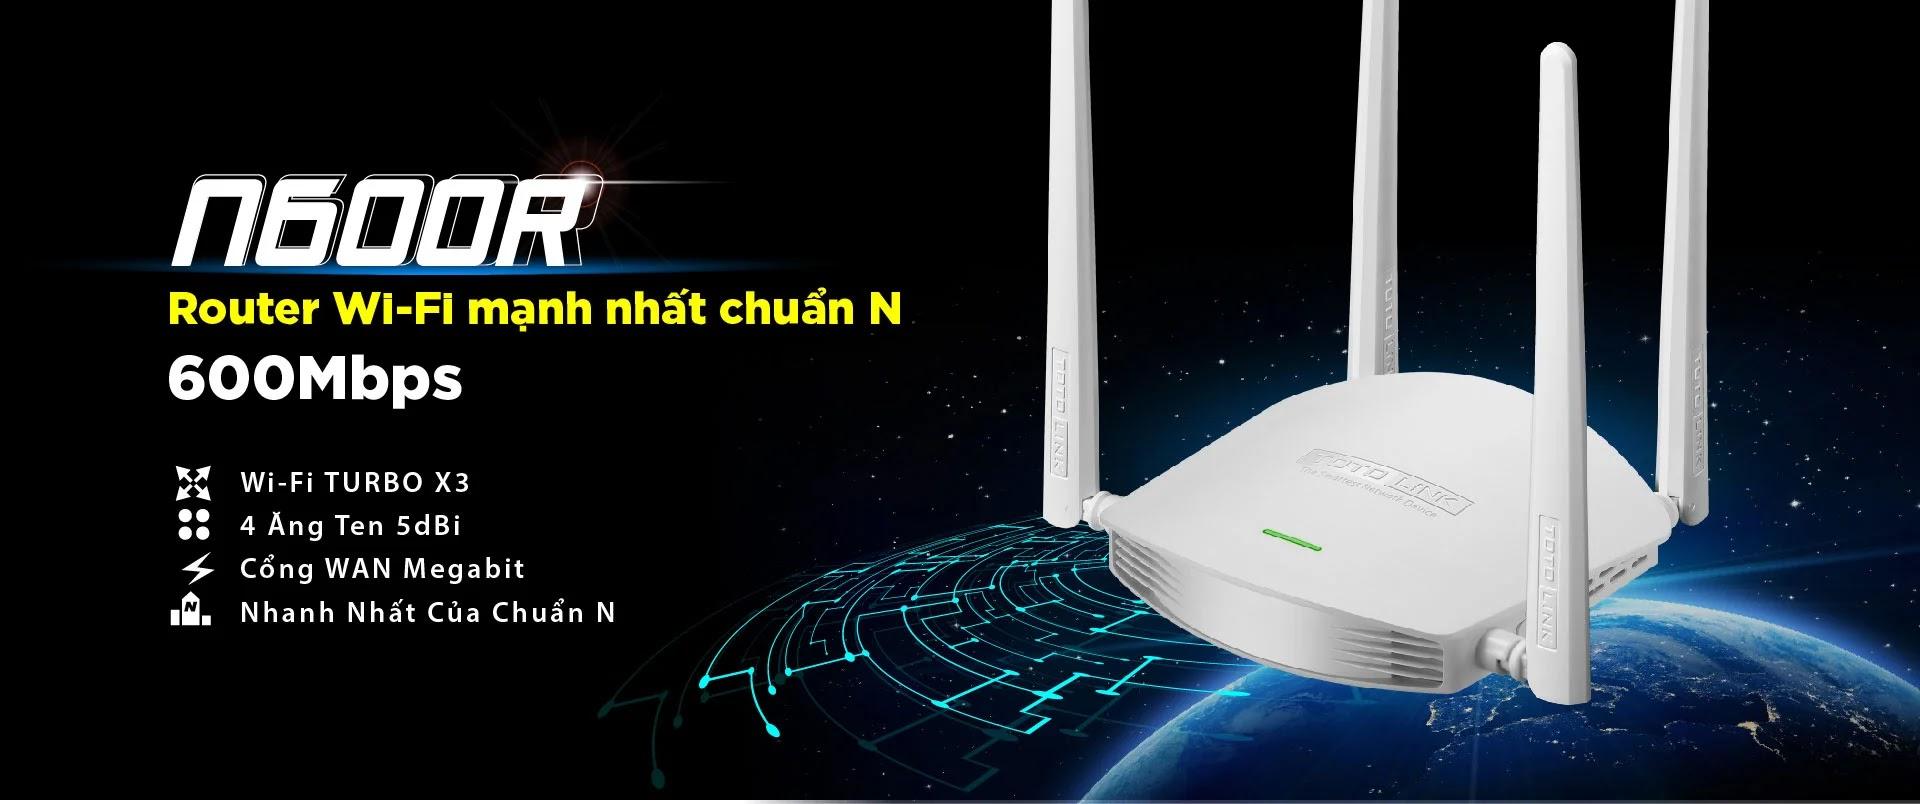 Đánh giá WiFi Totolink N600R